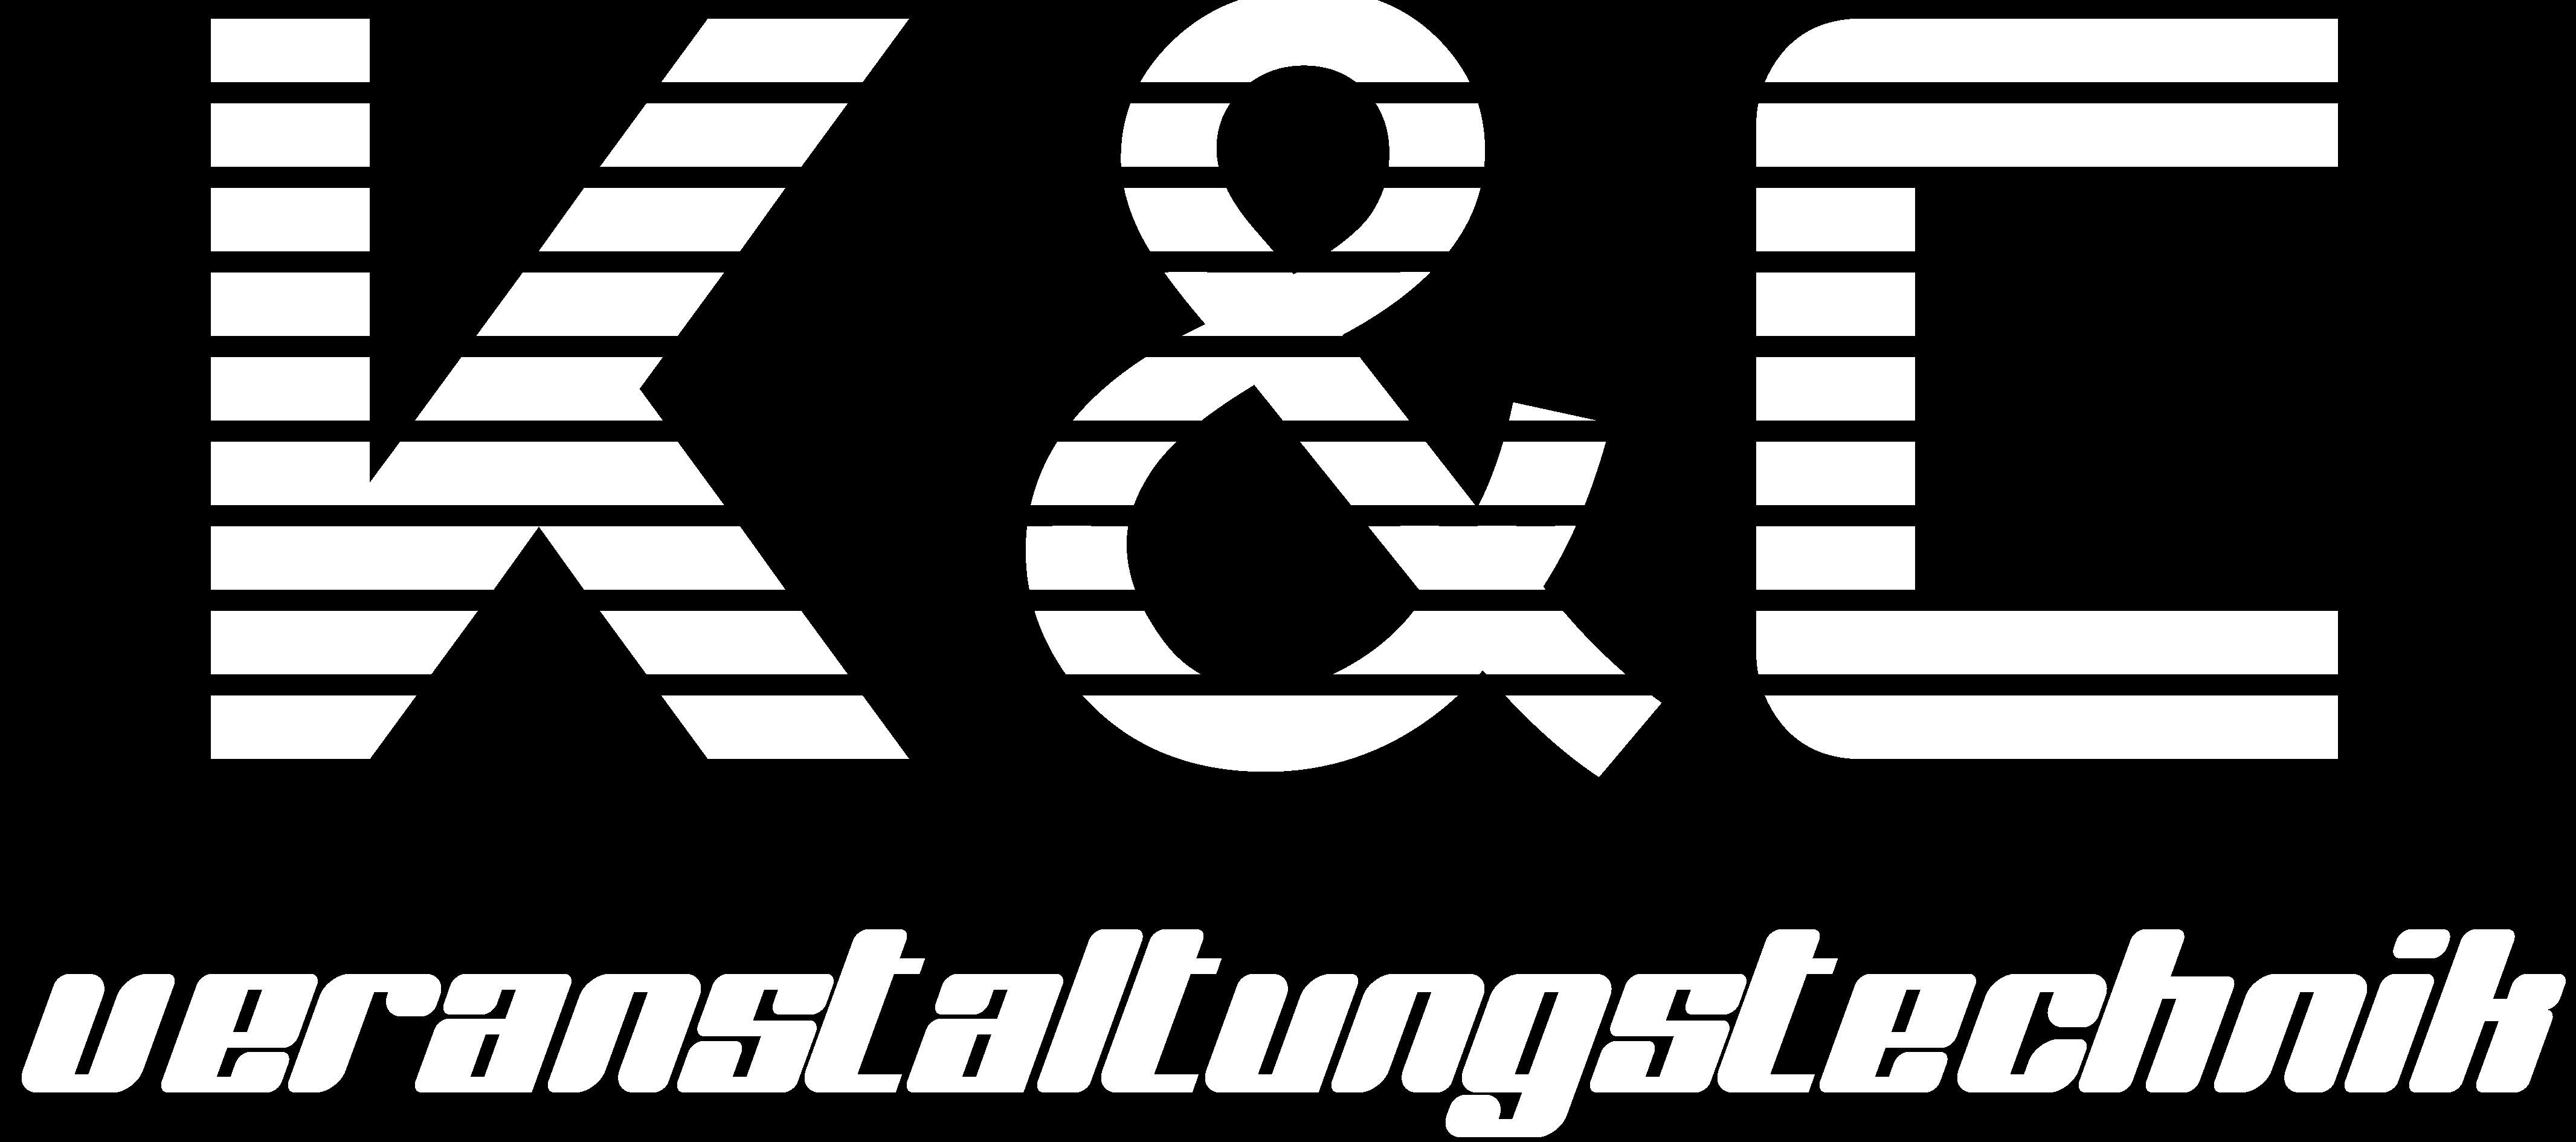 K&C - Veranstaltungstechnik